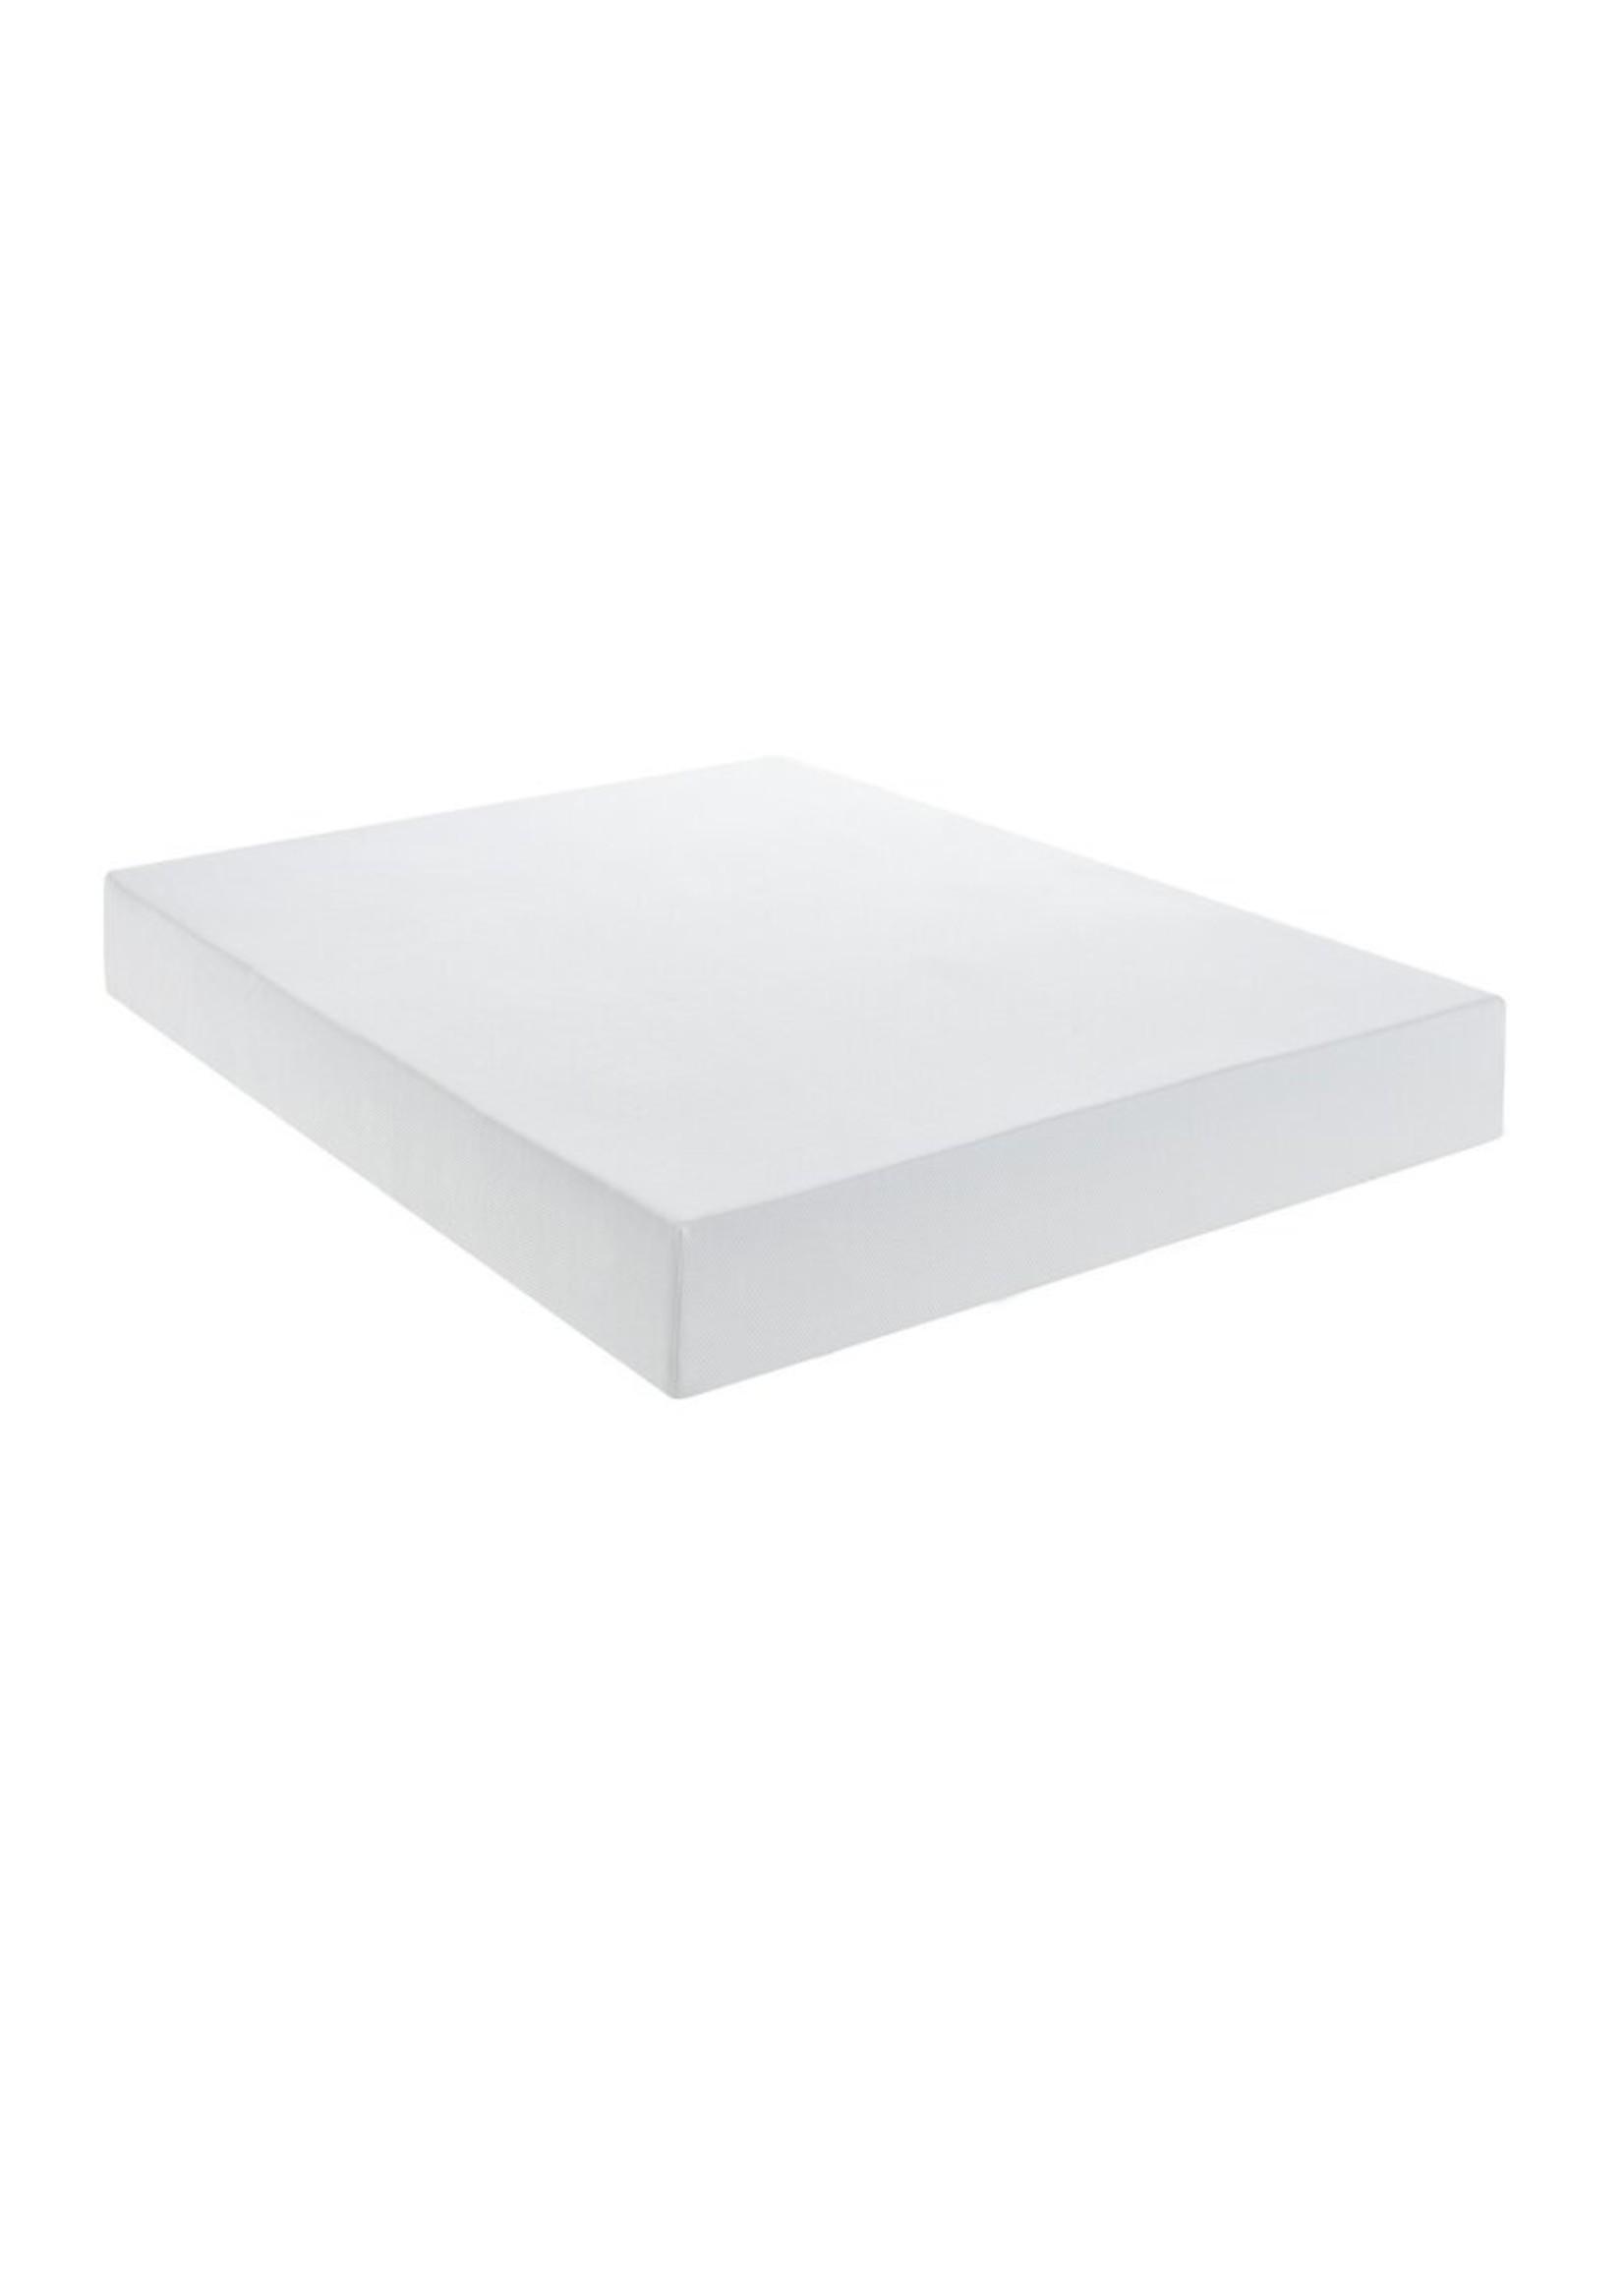 """*Twin - Wayfair Sleep 10"""" Firm Memory Foam Mattress - Final Sale"""